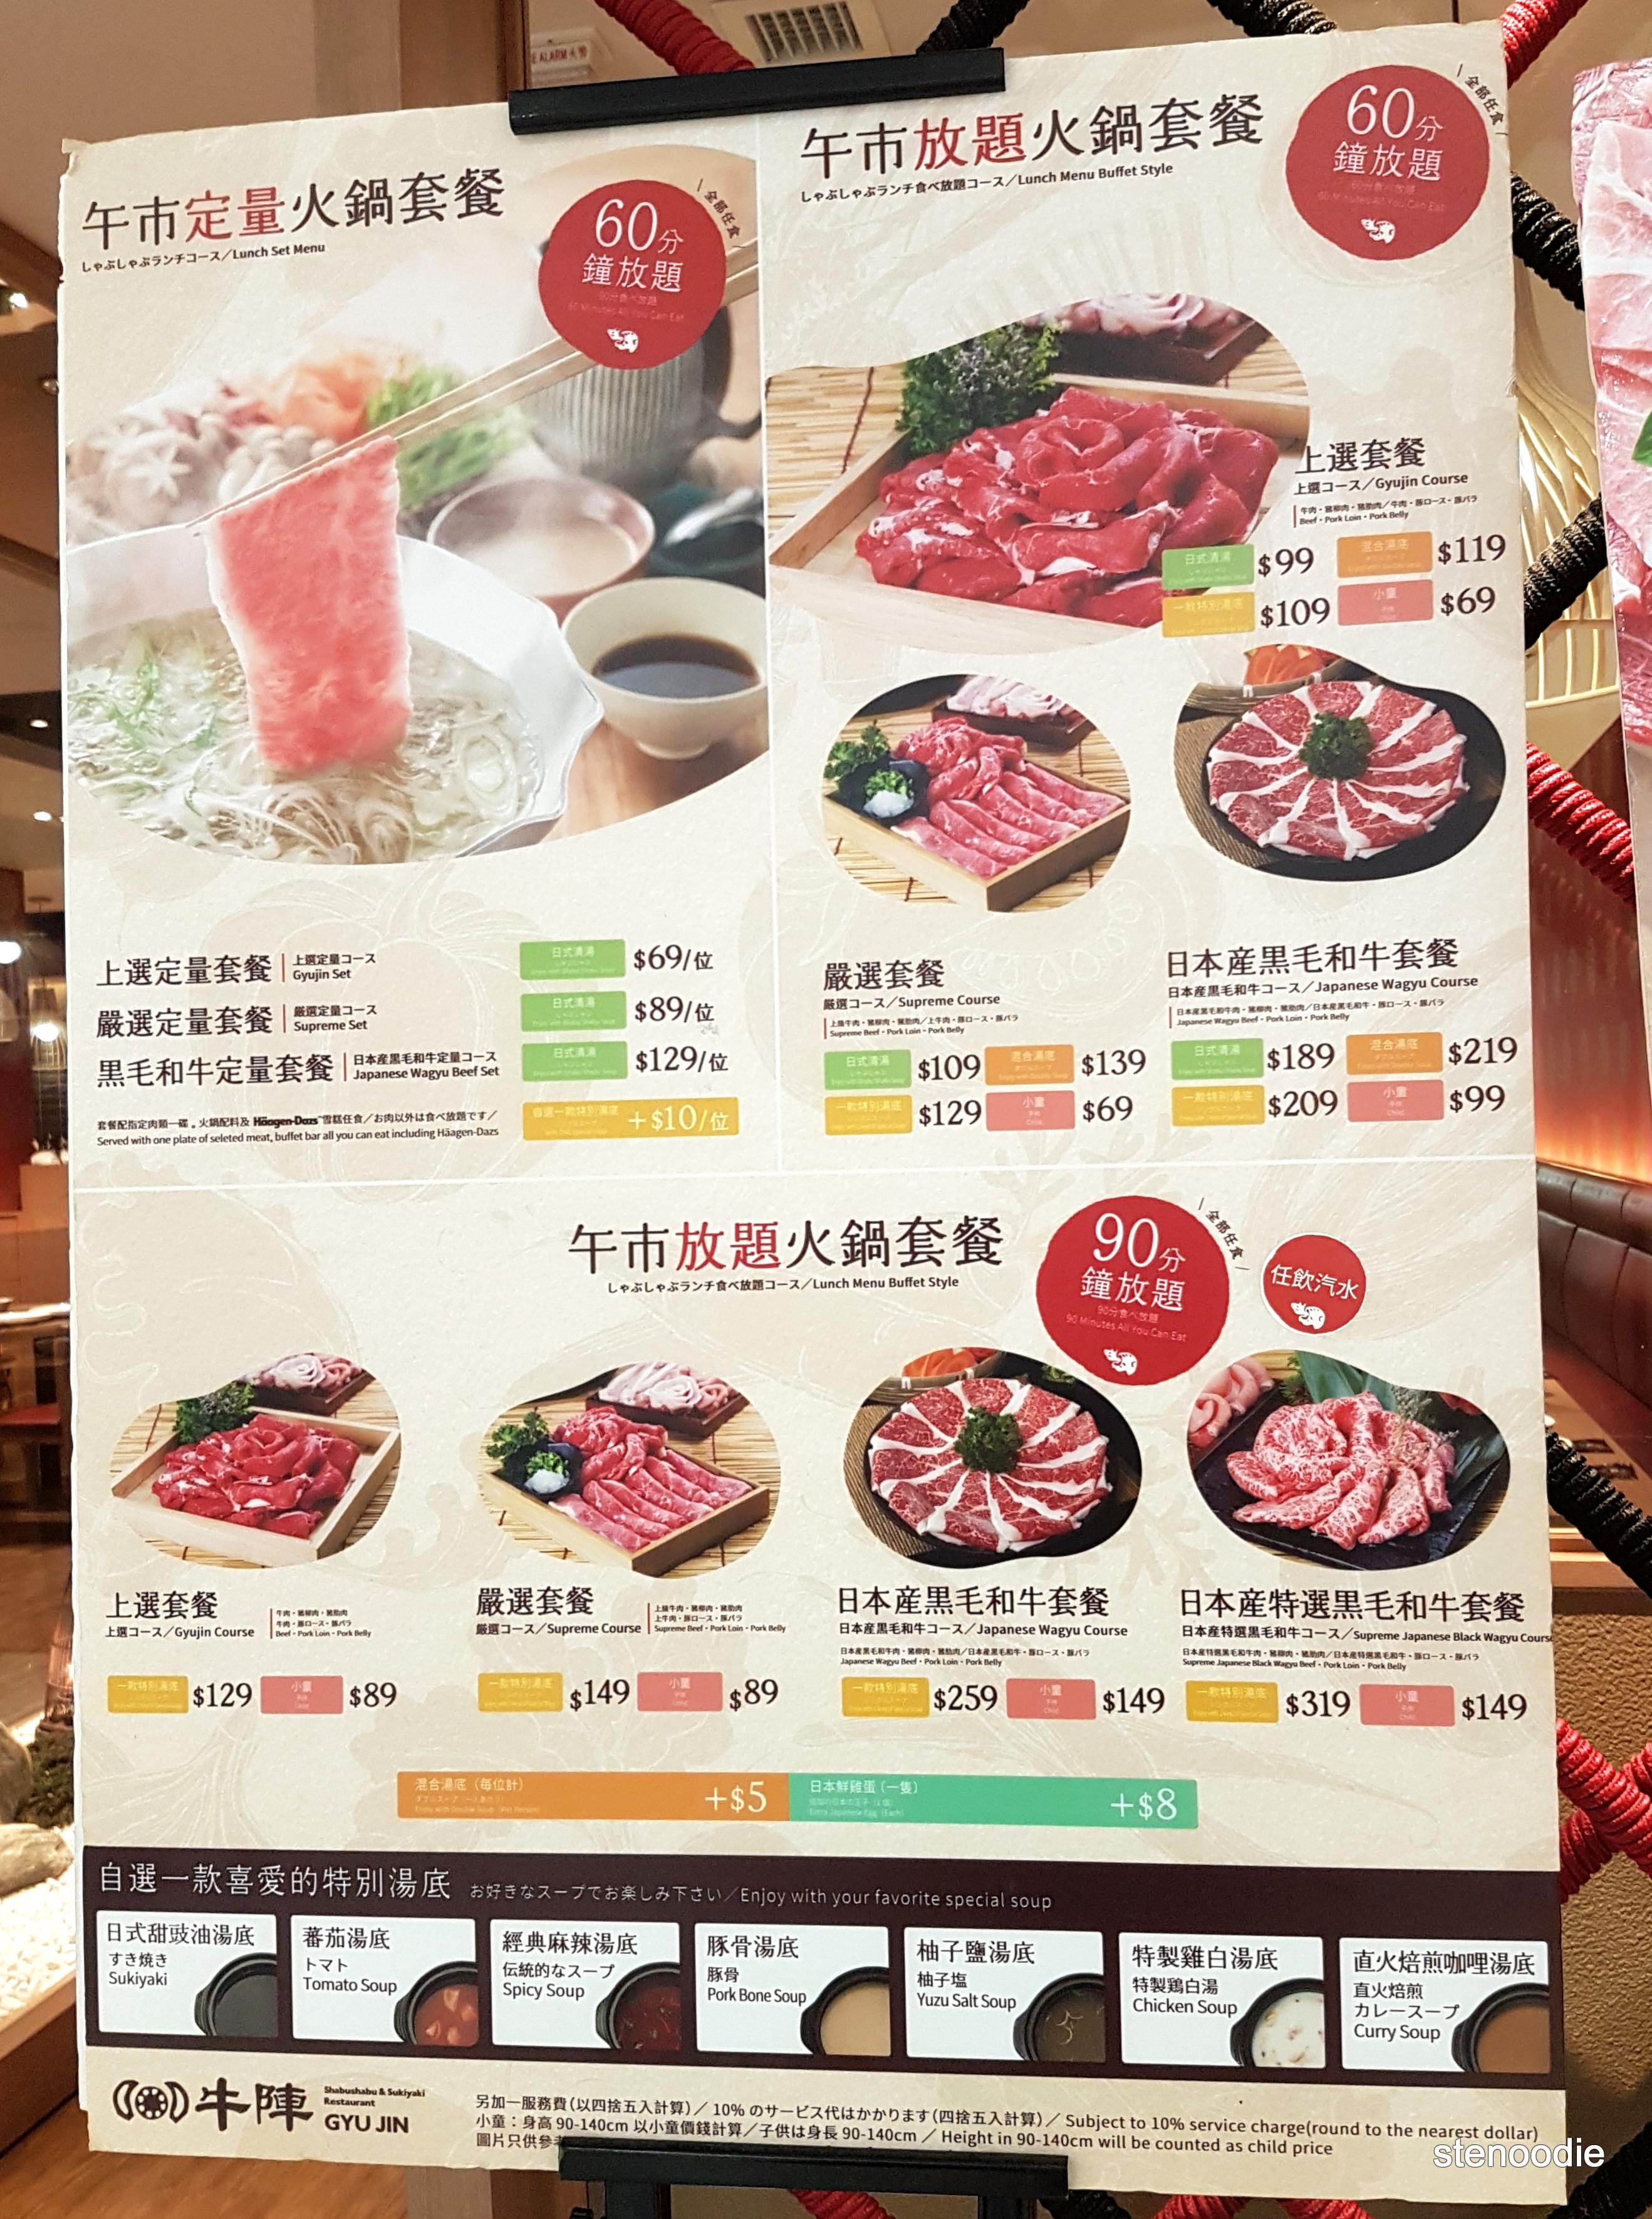 Gyujin Shabu Shabu & Sukiyaki Restaurant lunch menu